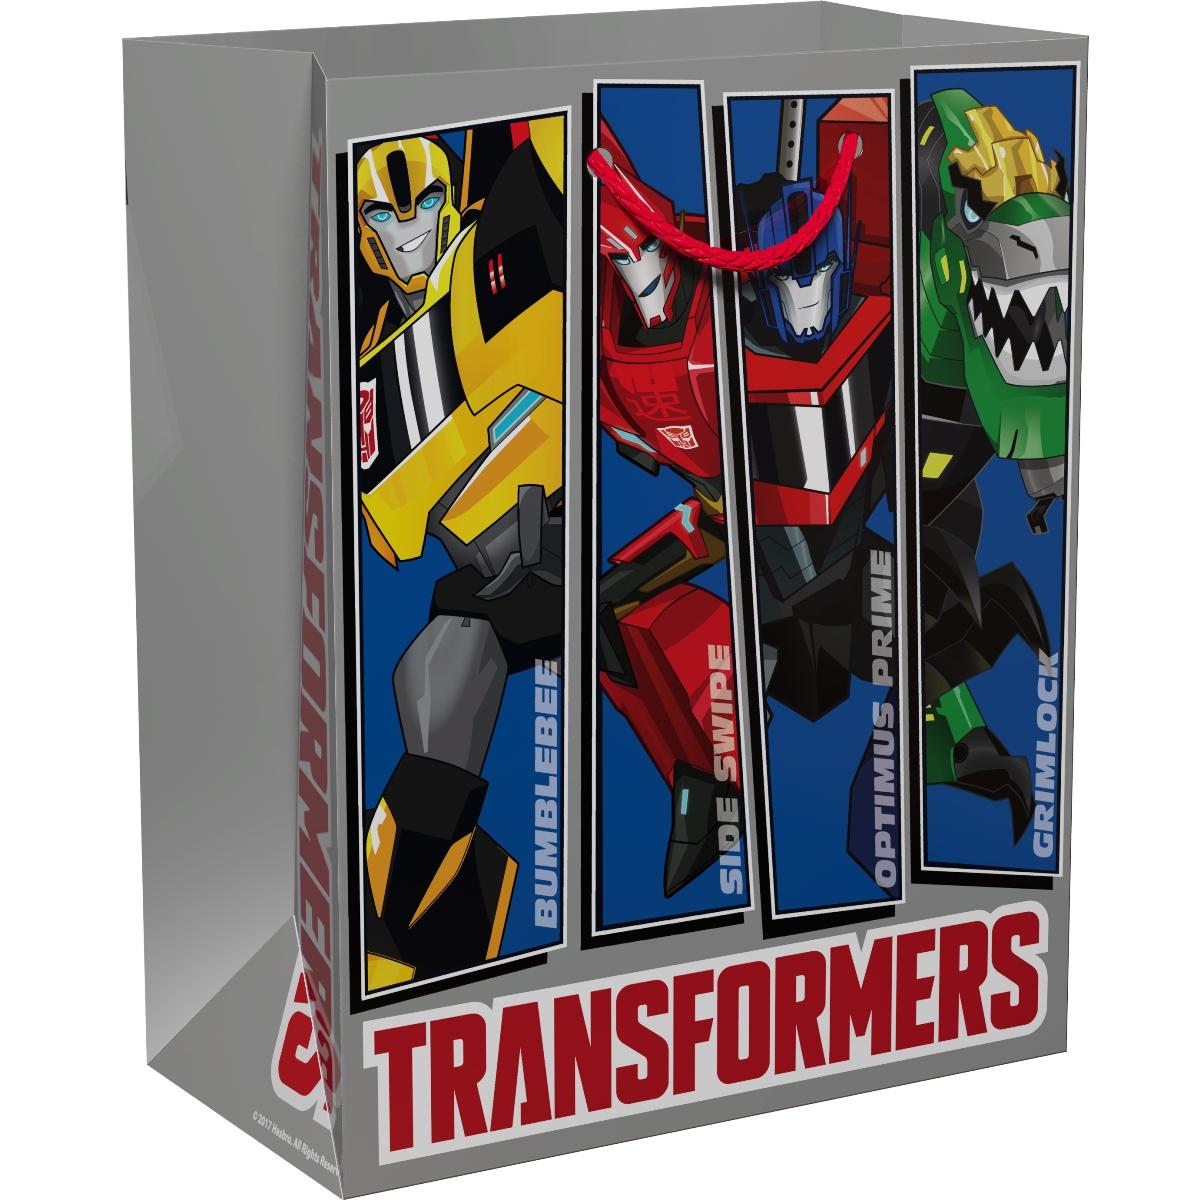 Трансформеры Пакет подарочный 23 х 18 х 10 см -  Подарочная упаковка